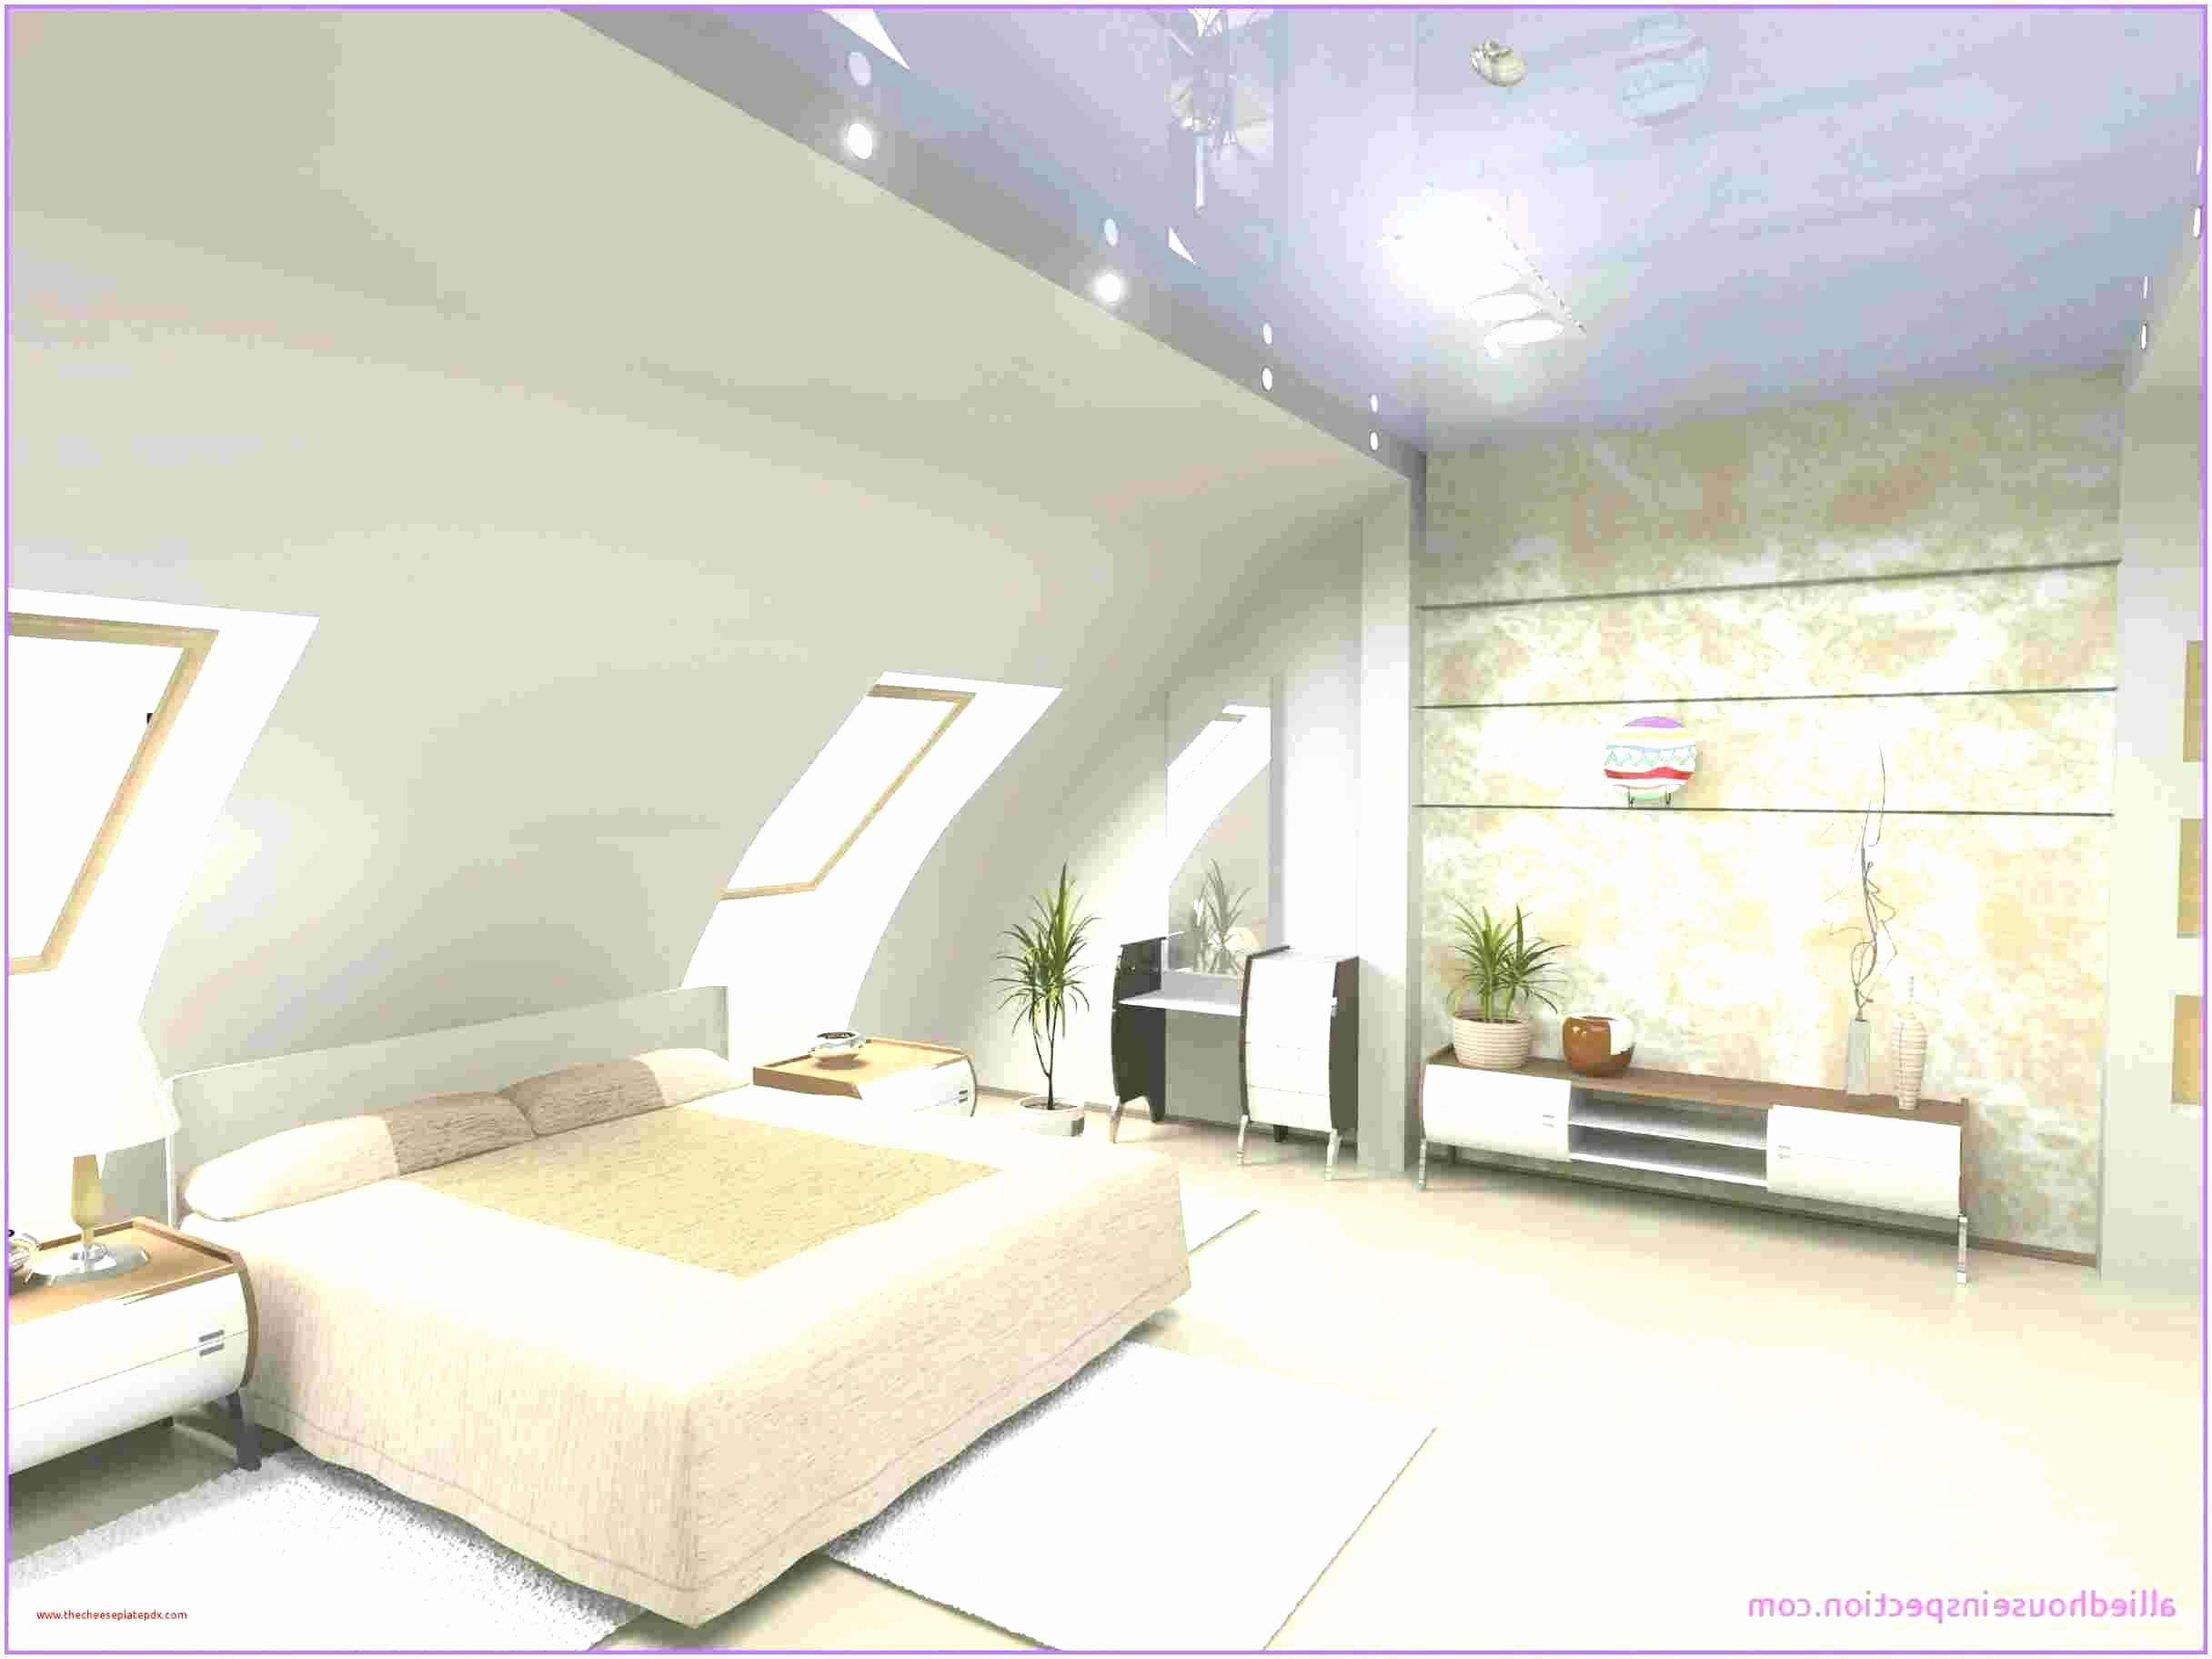 Full Size of Deko Schlafzimmer Wohnzimmer Gleichzeitig Das Beste Von Günstige Deckenleuchten Klimagerät Für Gardinen Loddenkemper Lampe Betten Massivholz Schimmel Im Schlafzimmer Deko Schlafzimmer